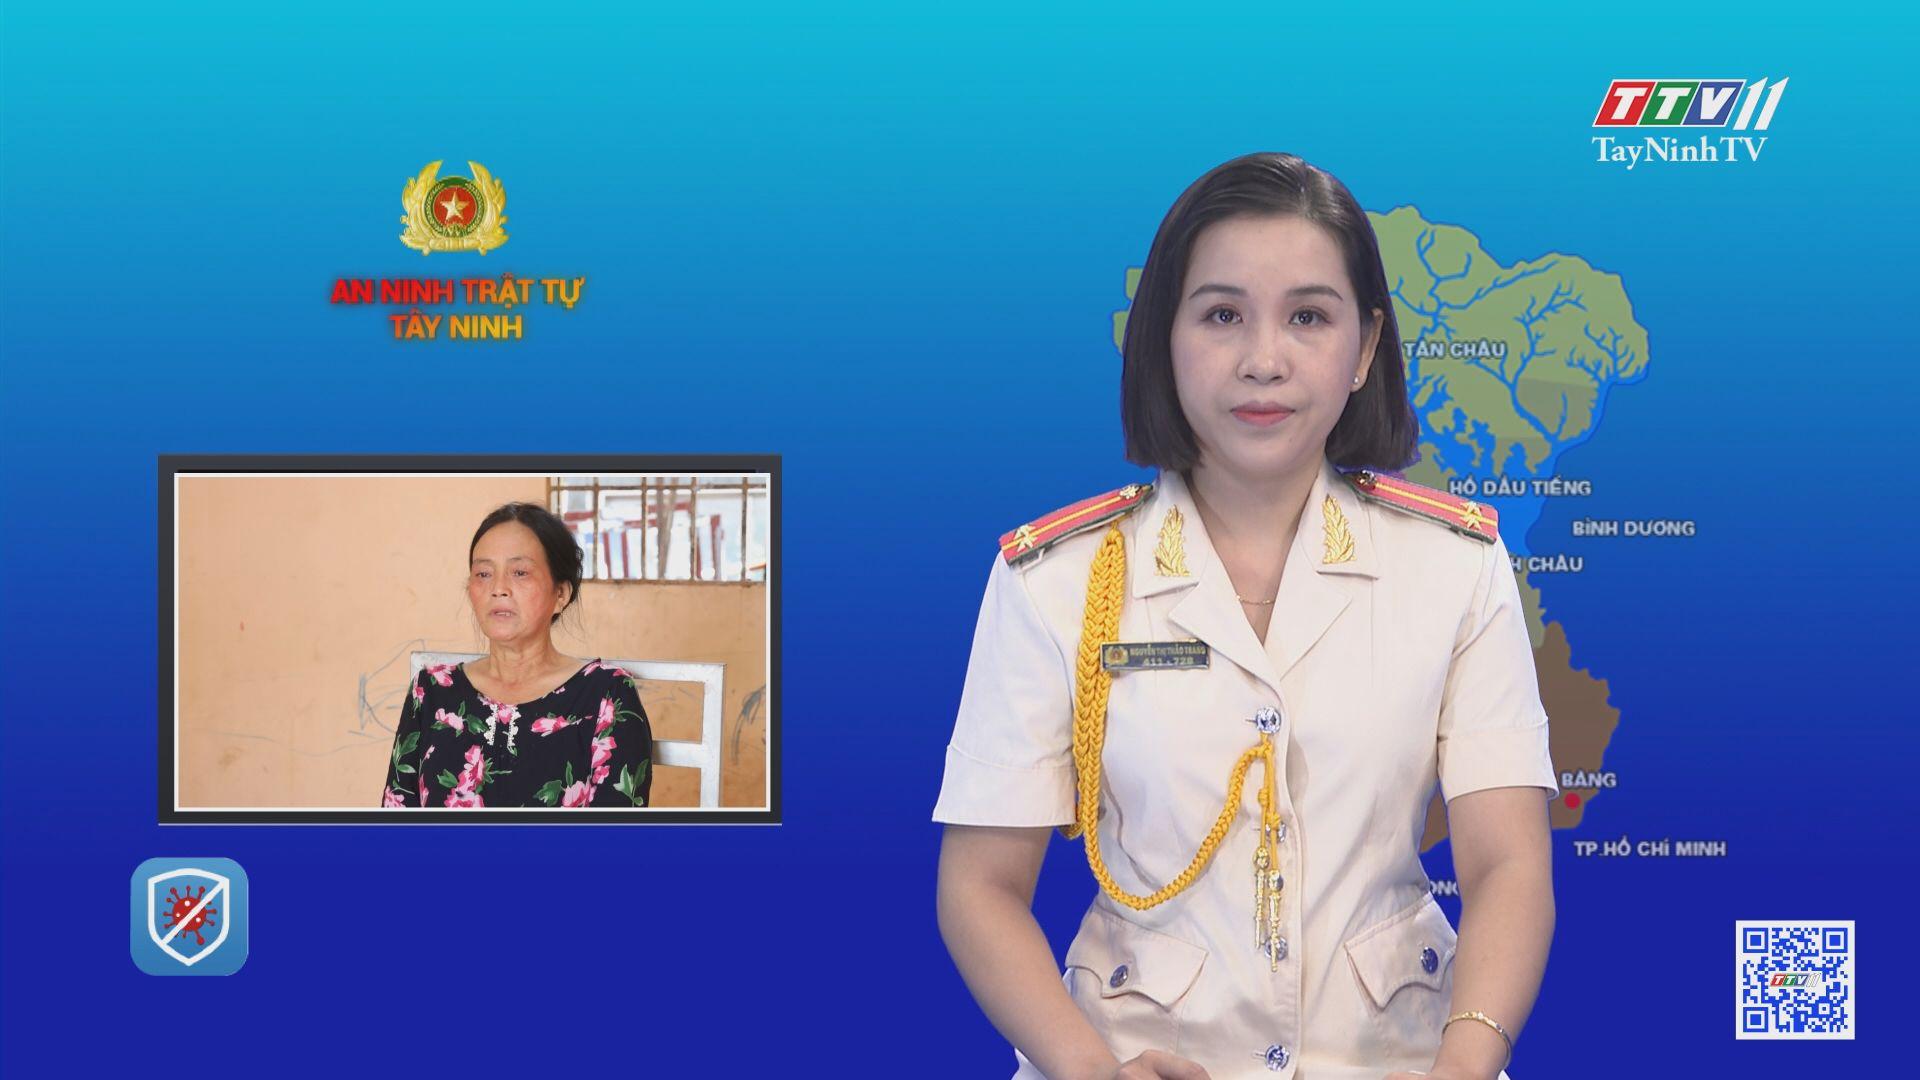 Công an các đơn vị nghiệp vụ đã chủ động tăng cường biện pháp đảm bảo an ninh trật tự-an toàn xã hội | AN NINH TRẬT TỰ TÂY NINH | TayNinhTV